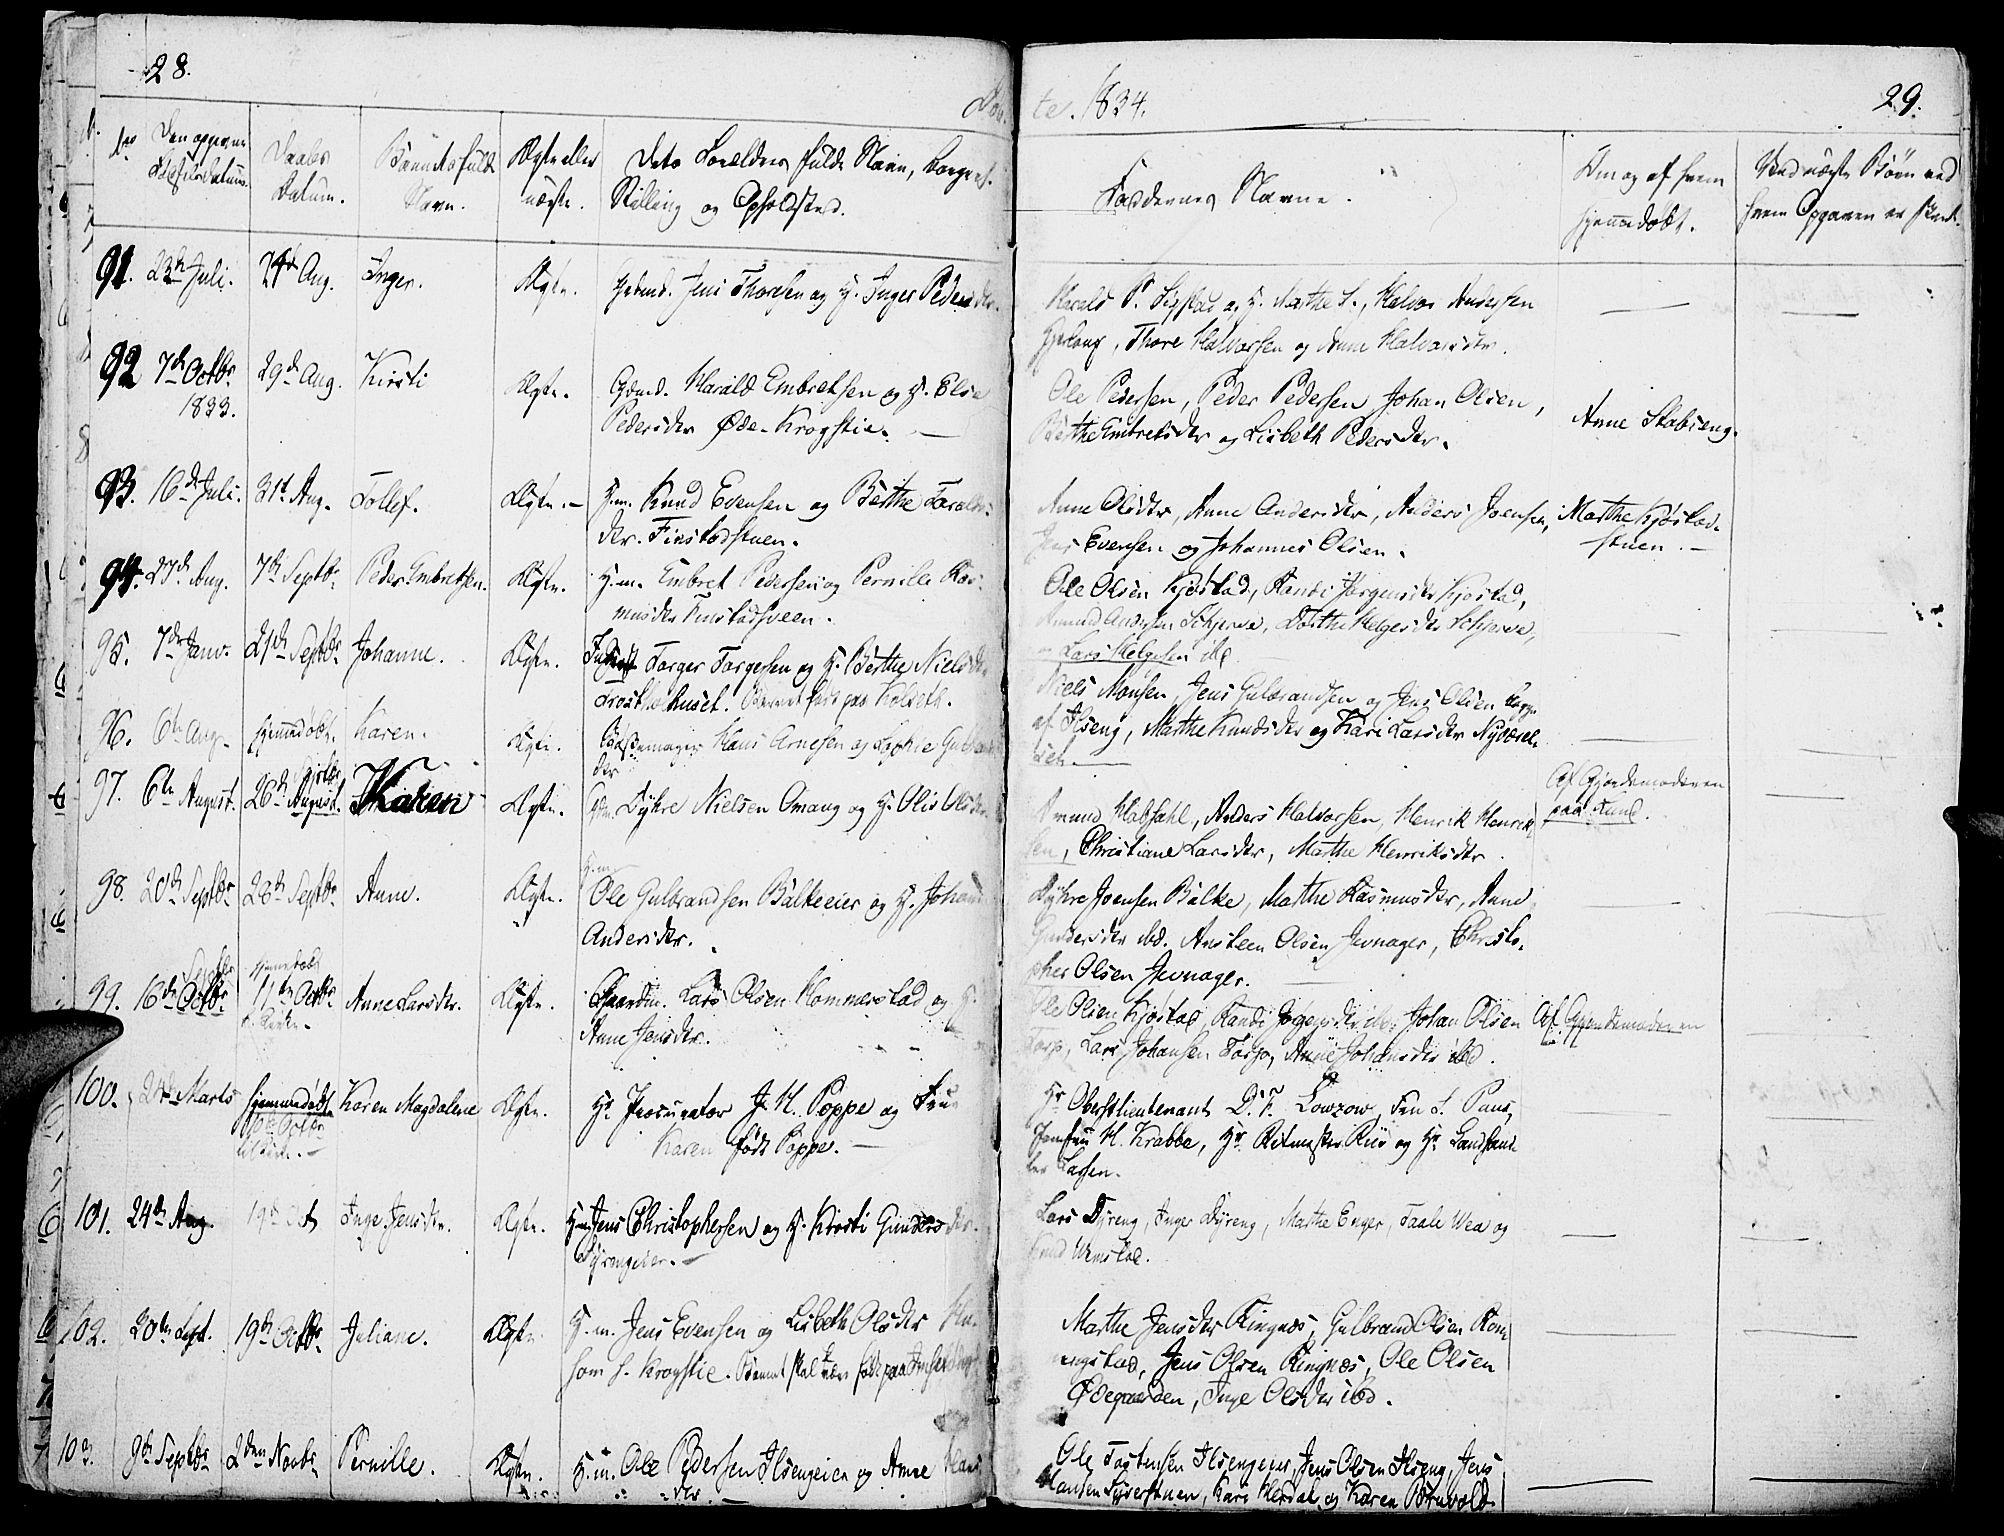 SAH, Løten prestekontor, K/Ka/L0006: Parish register (official) no. 6, 1832-1849, p. 28-29